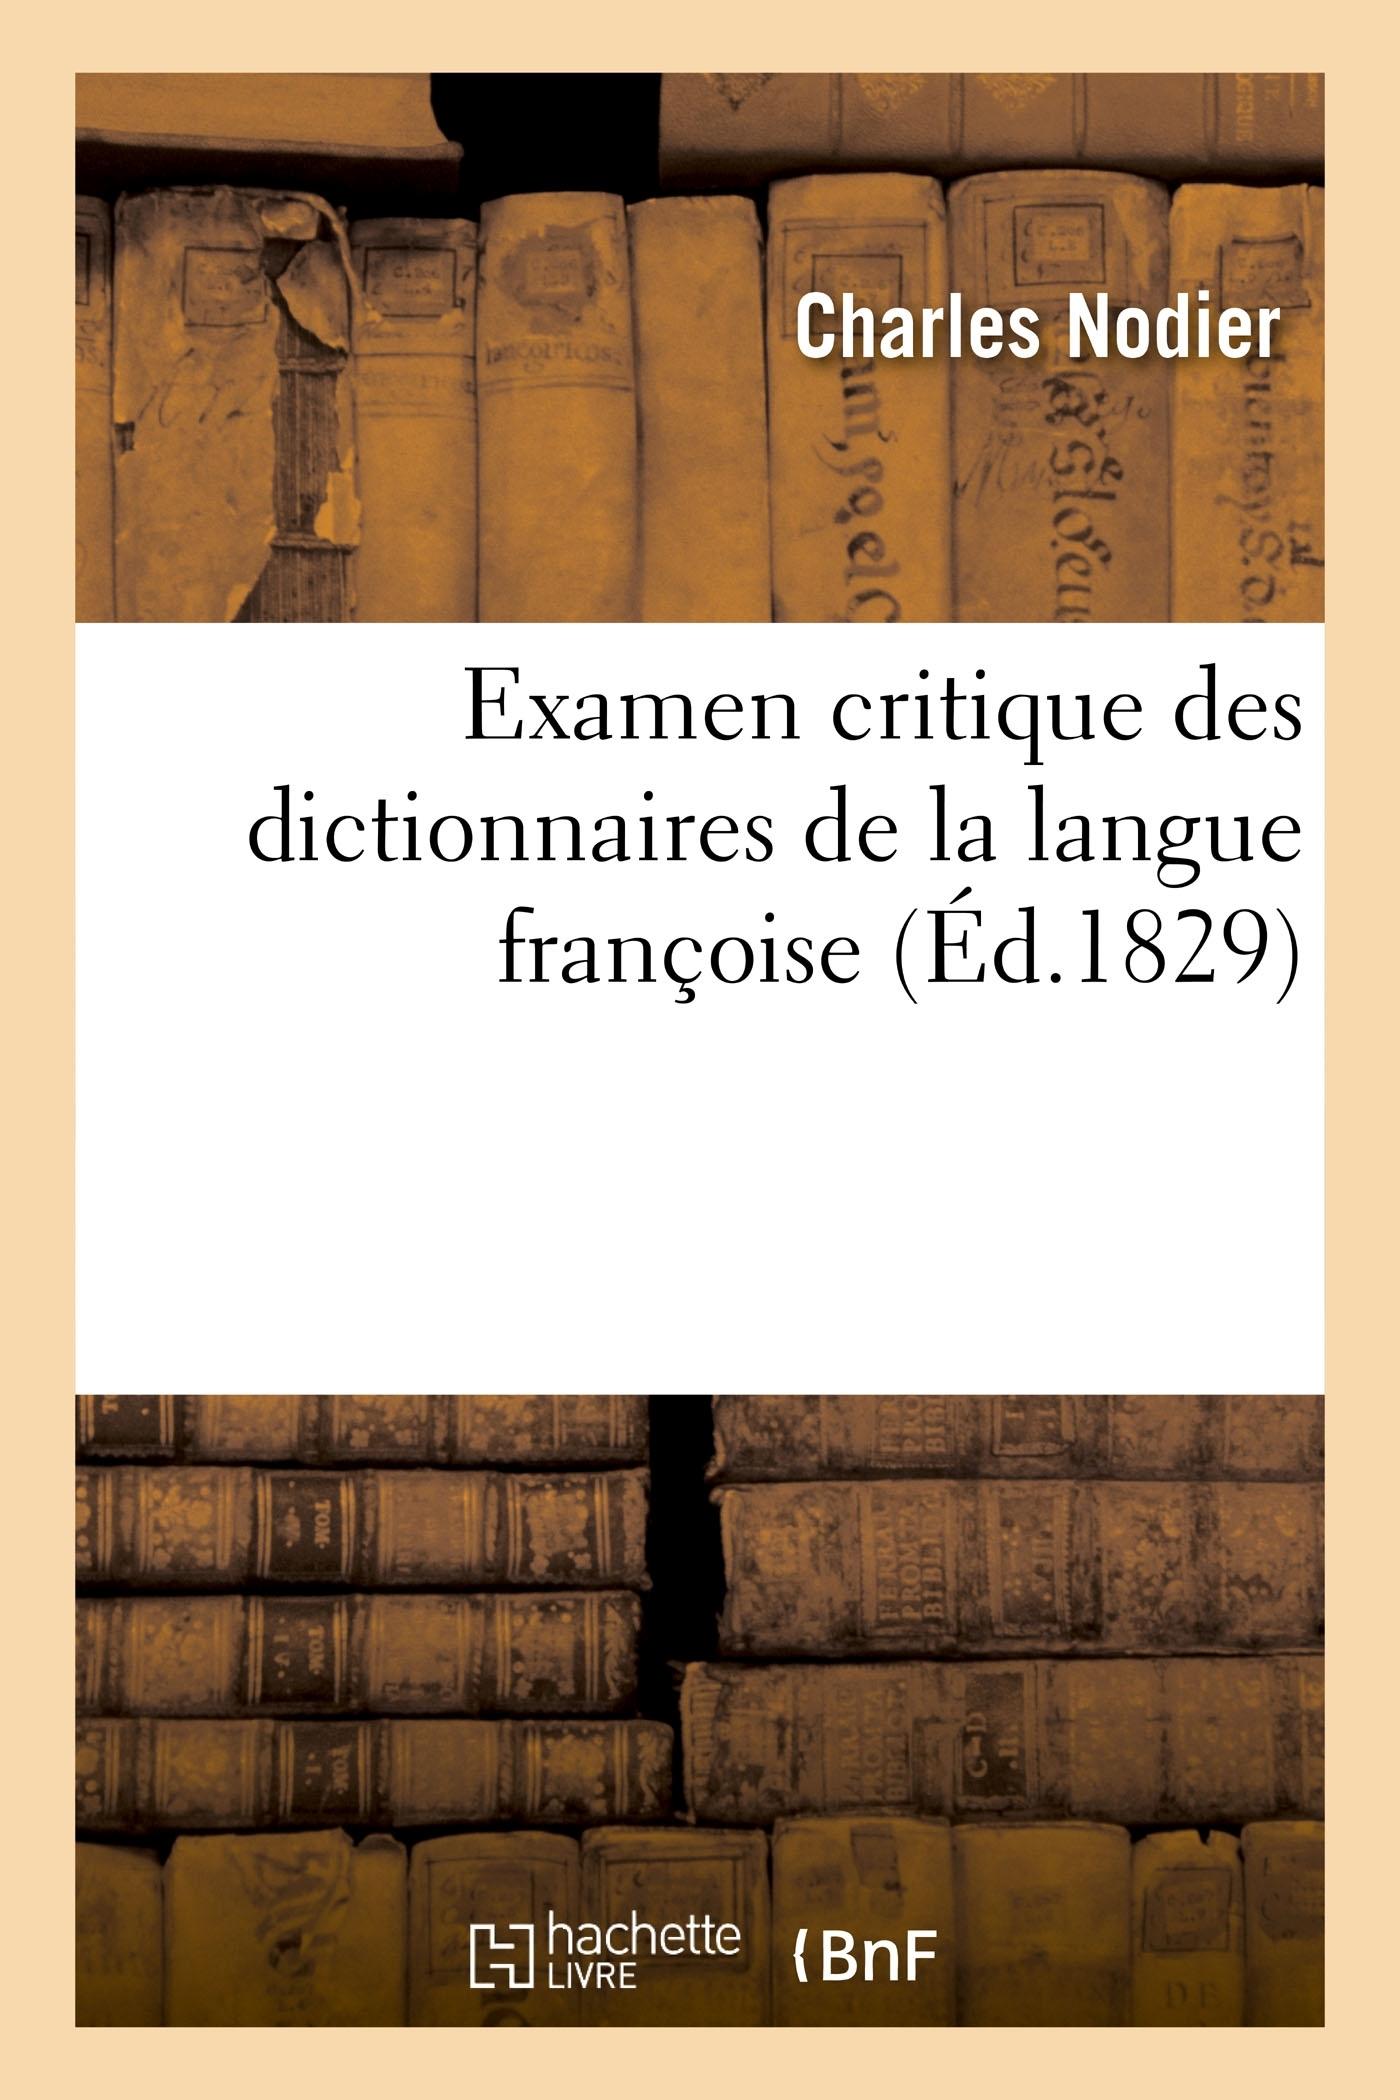 EXAMEN CRITIQUE DES DICTIONNAIRES DE LA LANGUE FRANCOISE OU RECHERCHES GRAMMATICALES ET LITTERAIRES